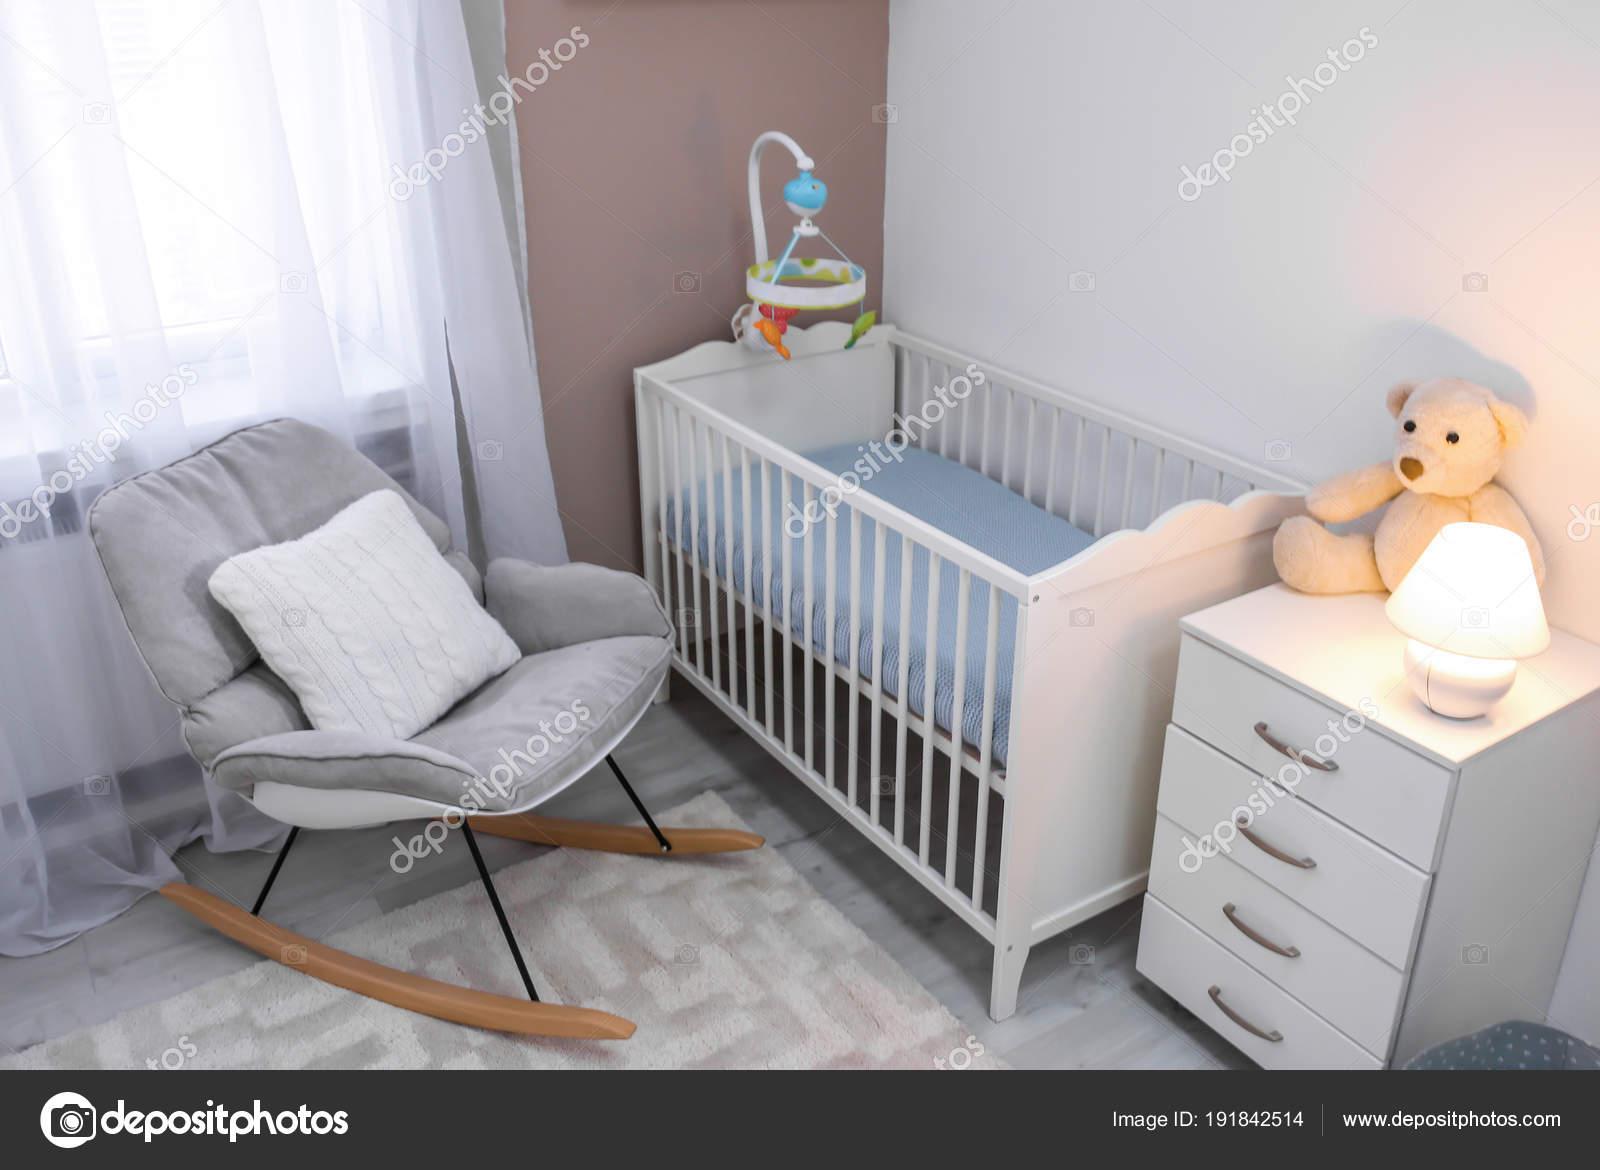 Gezellige baby kamer interieur met wieg en schommelstoel